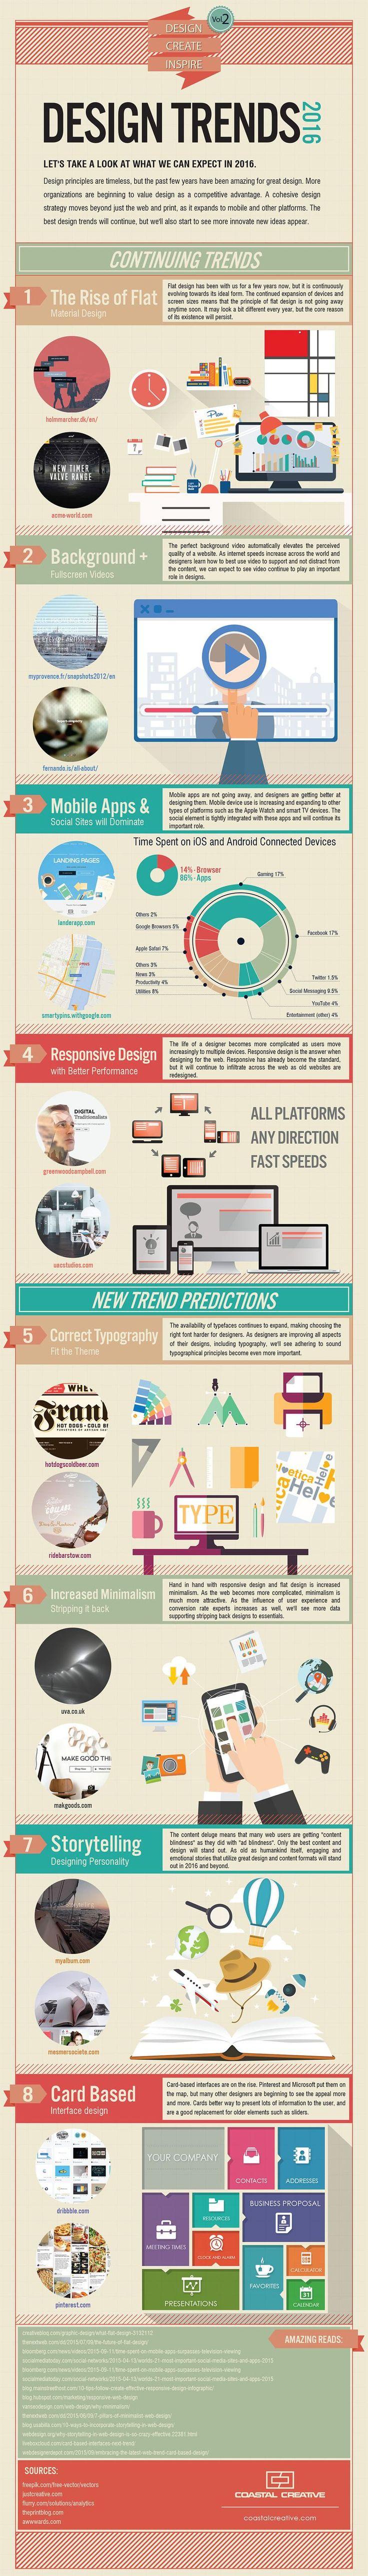 [Infographie] Les tendances du webdesign en 2016    What Are 8 Web Design Trends For 2016? #infographic #webdesign #creative #UX